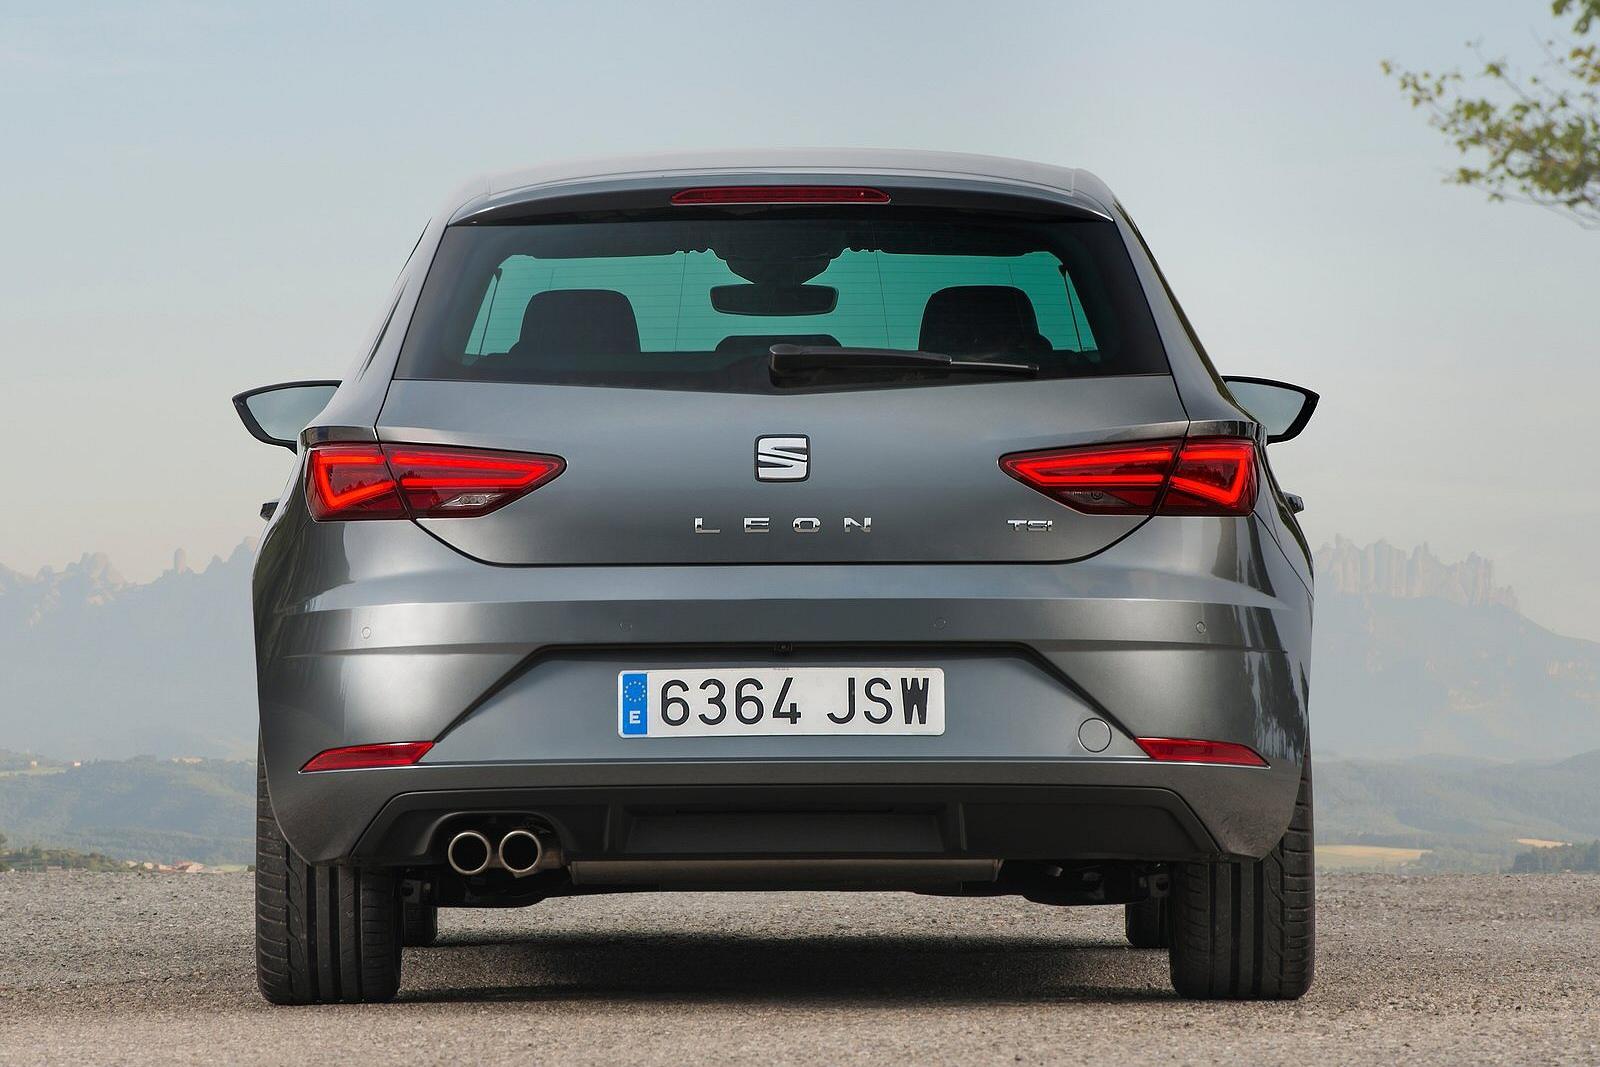 new seat leon 1 0 tsi ecomotive se technology 5dr dsg petrol hatchback for sale bristol street. Black Bedroom Furniture Sets. Home Design Ideas